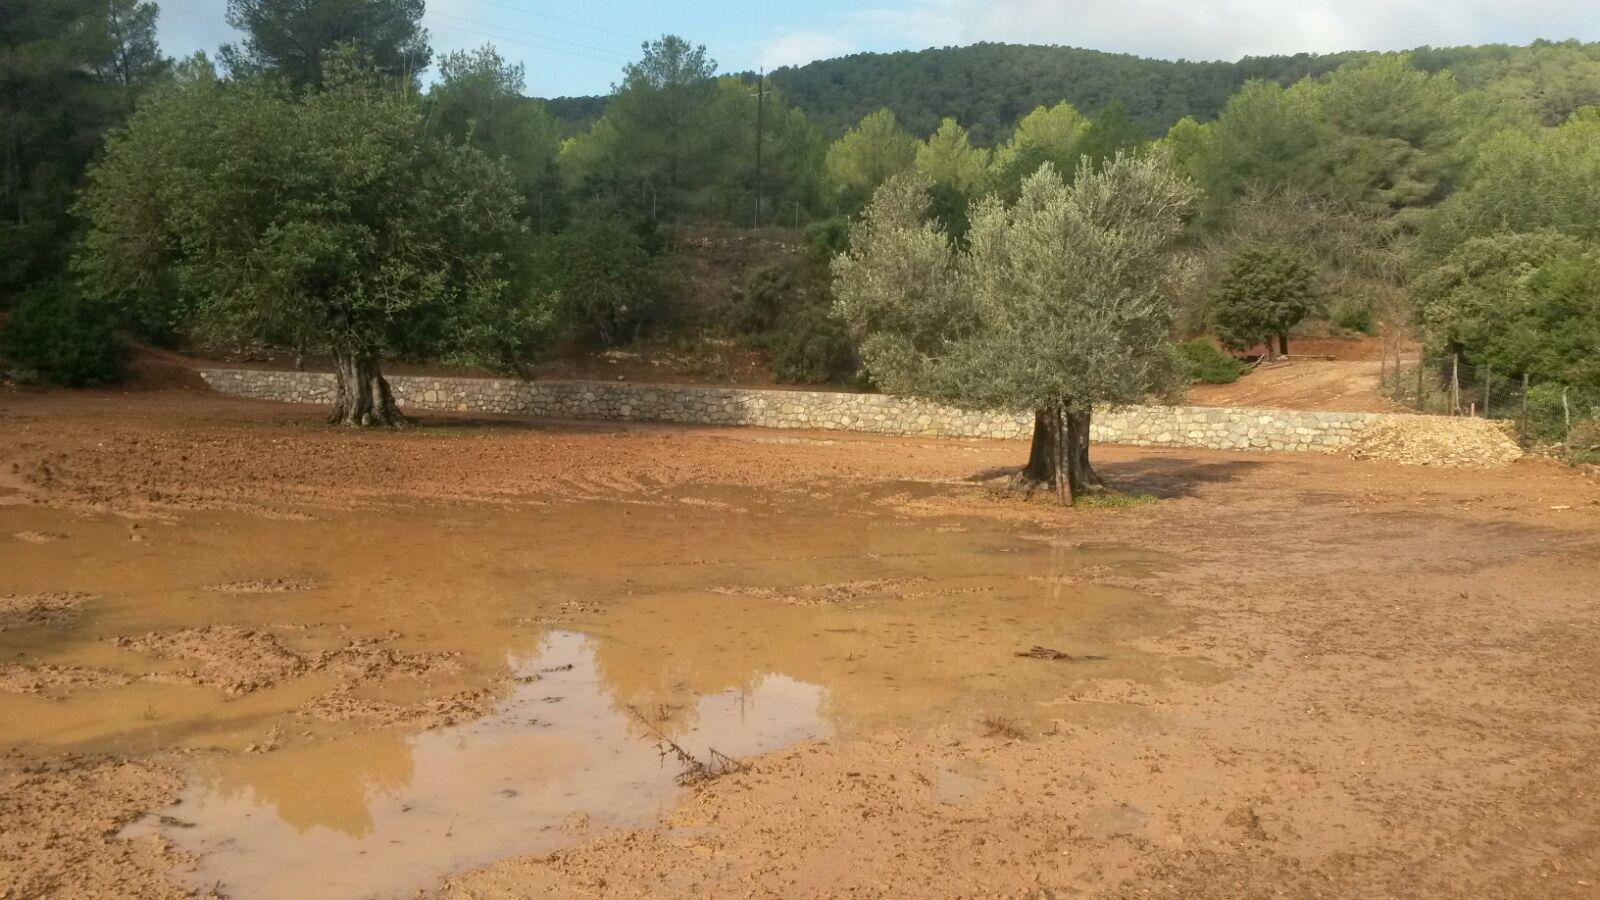 Balsas de agua y prevención de incendios en Serra Grossa